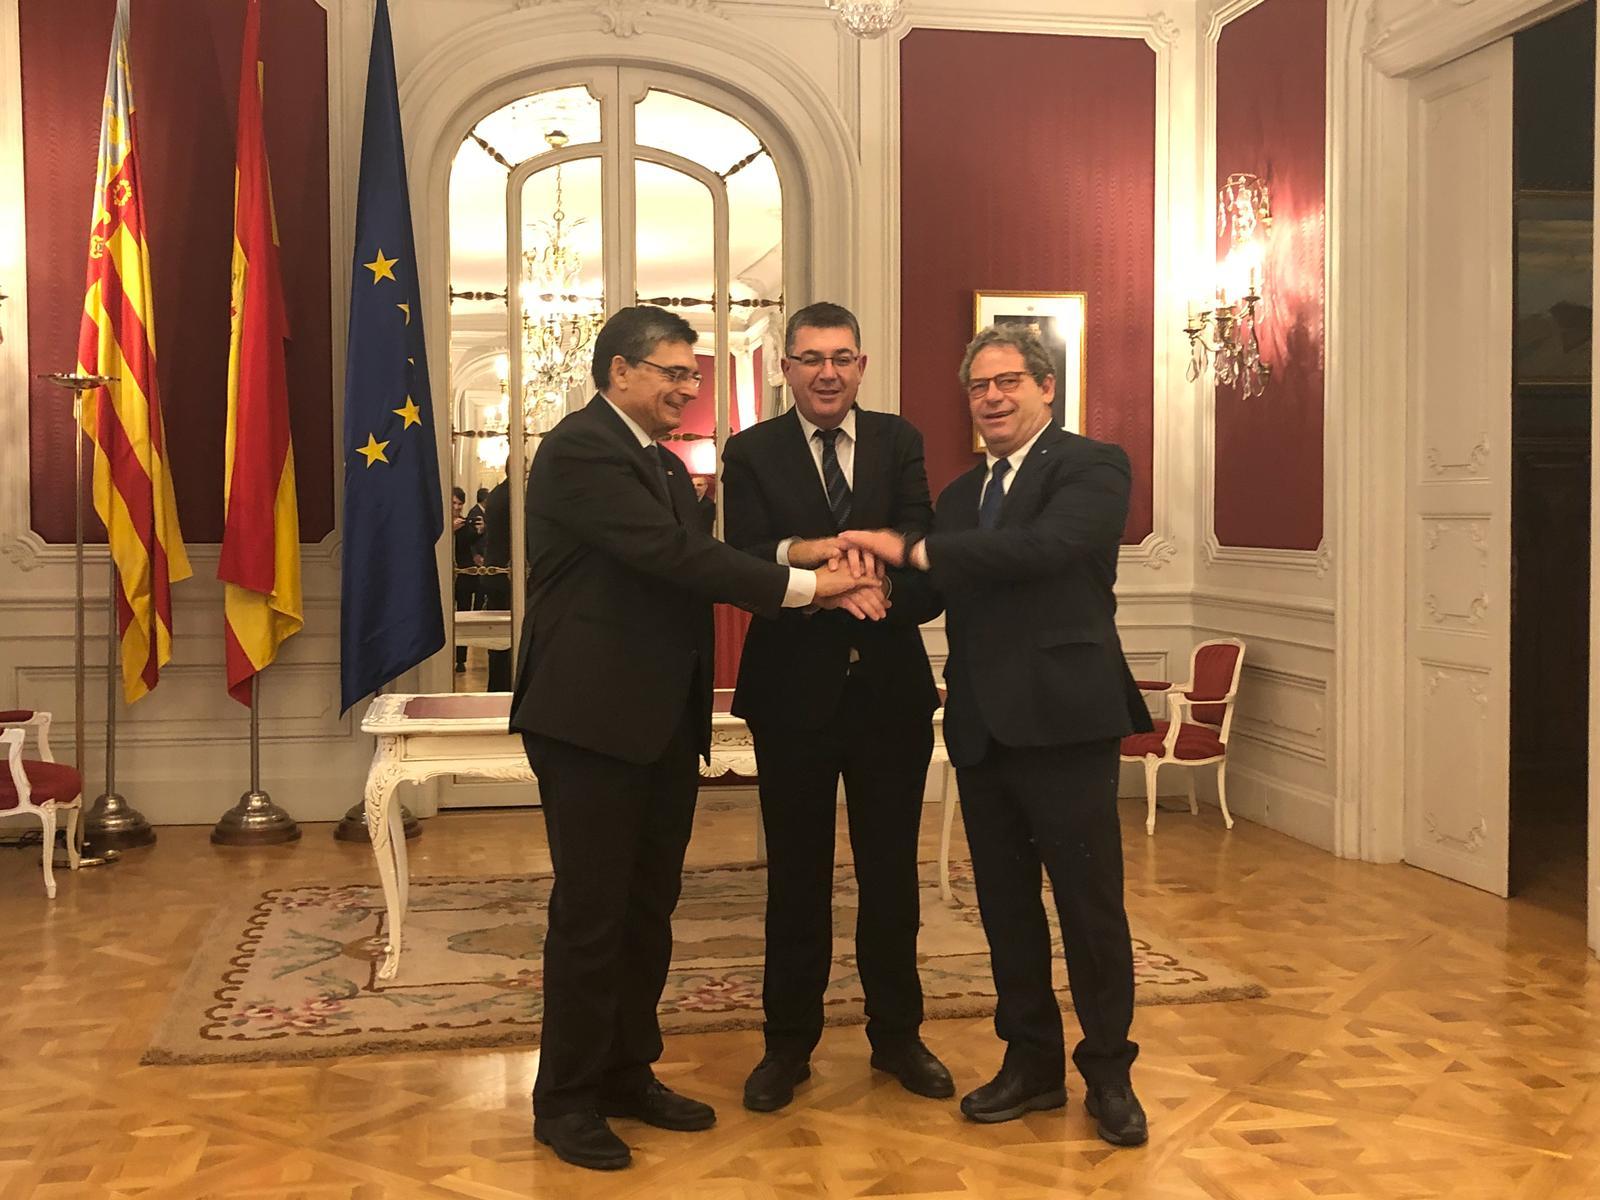 """600esimo anniversario della fondazione della Generalitat Valenciana, Miccichè: """"Numerose le affinità che ci uniscono"""""""